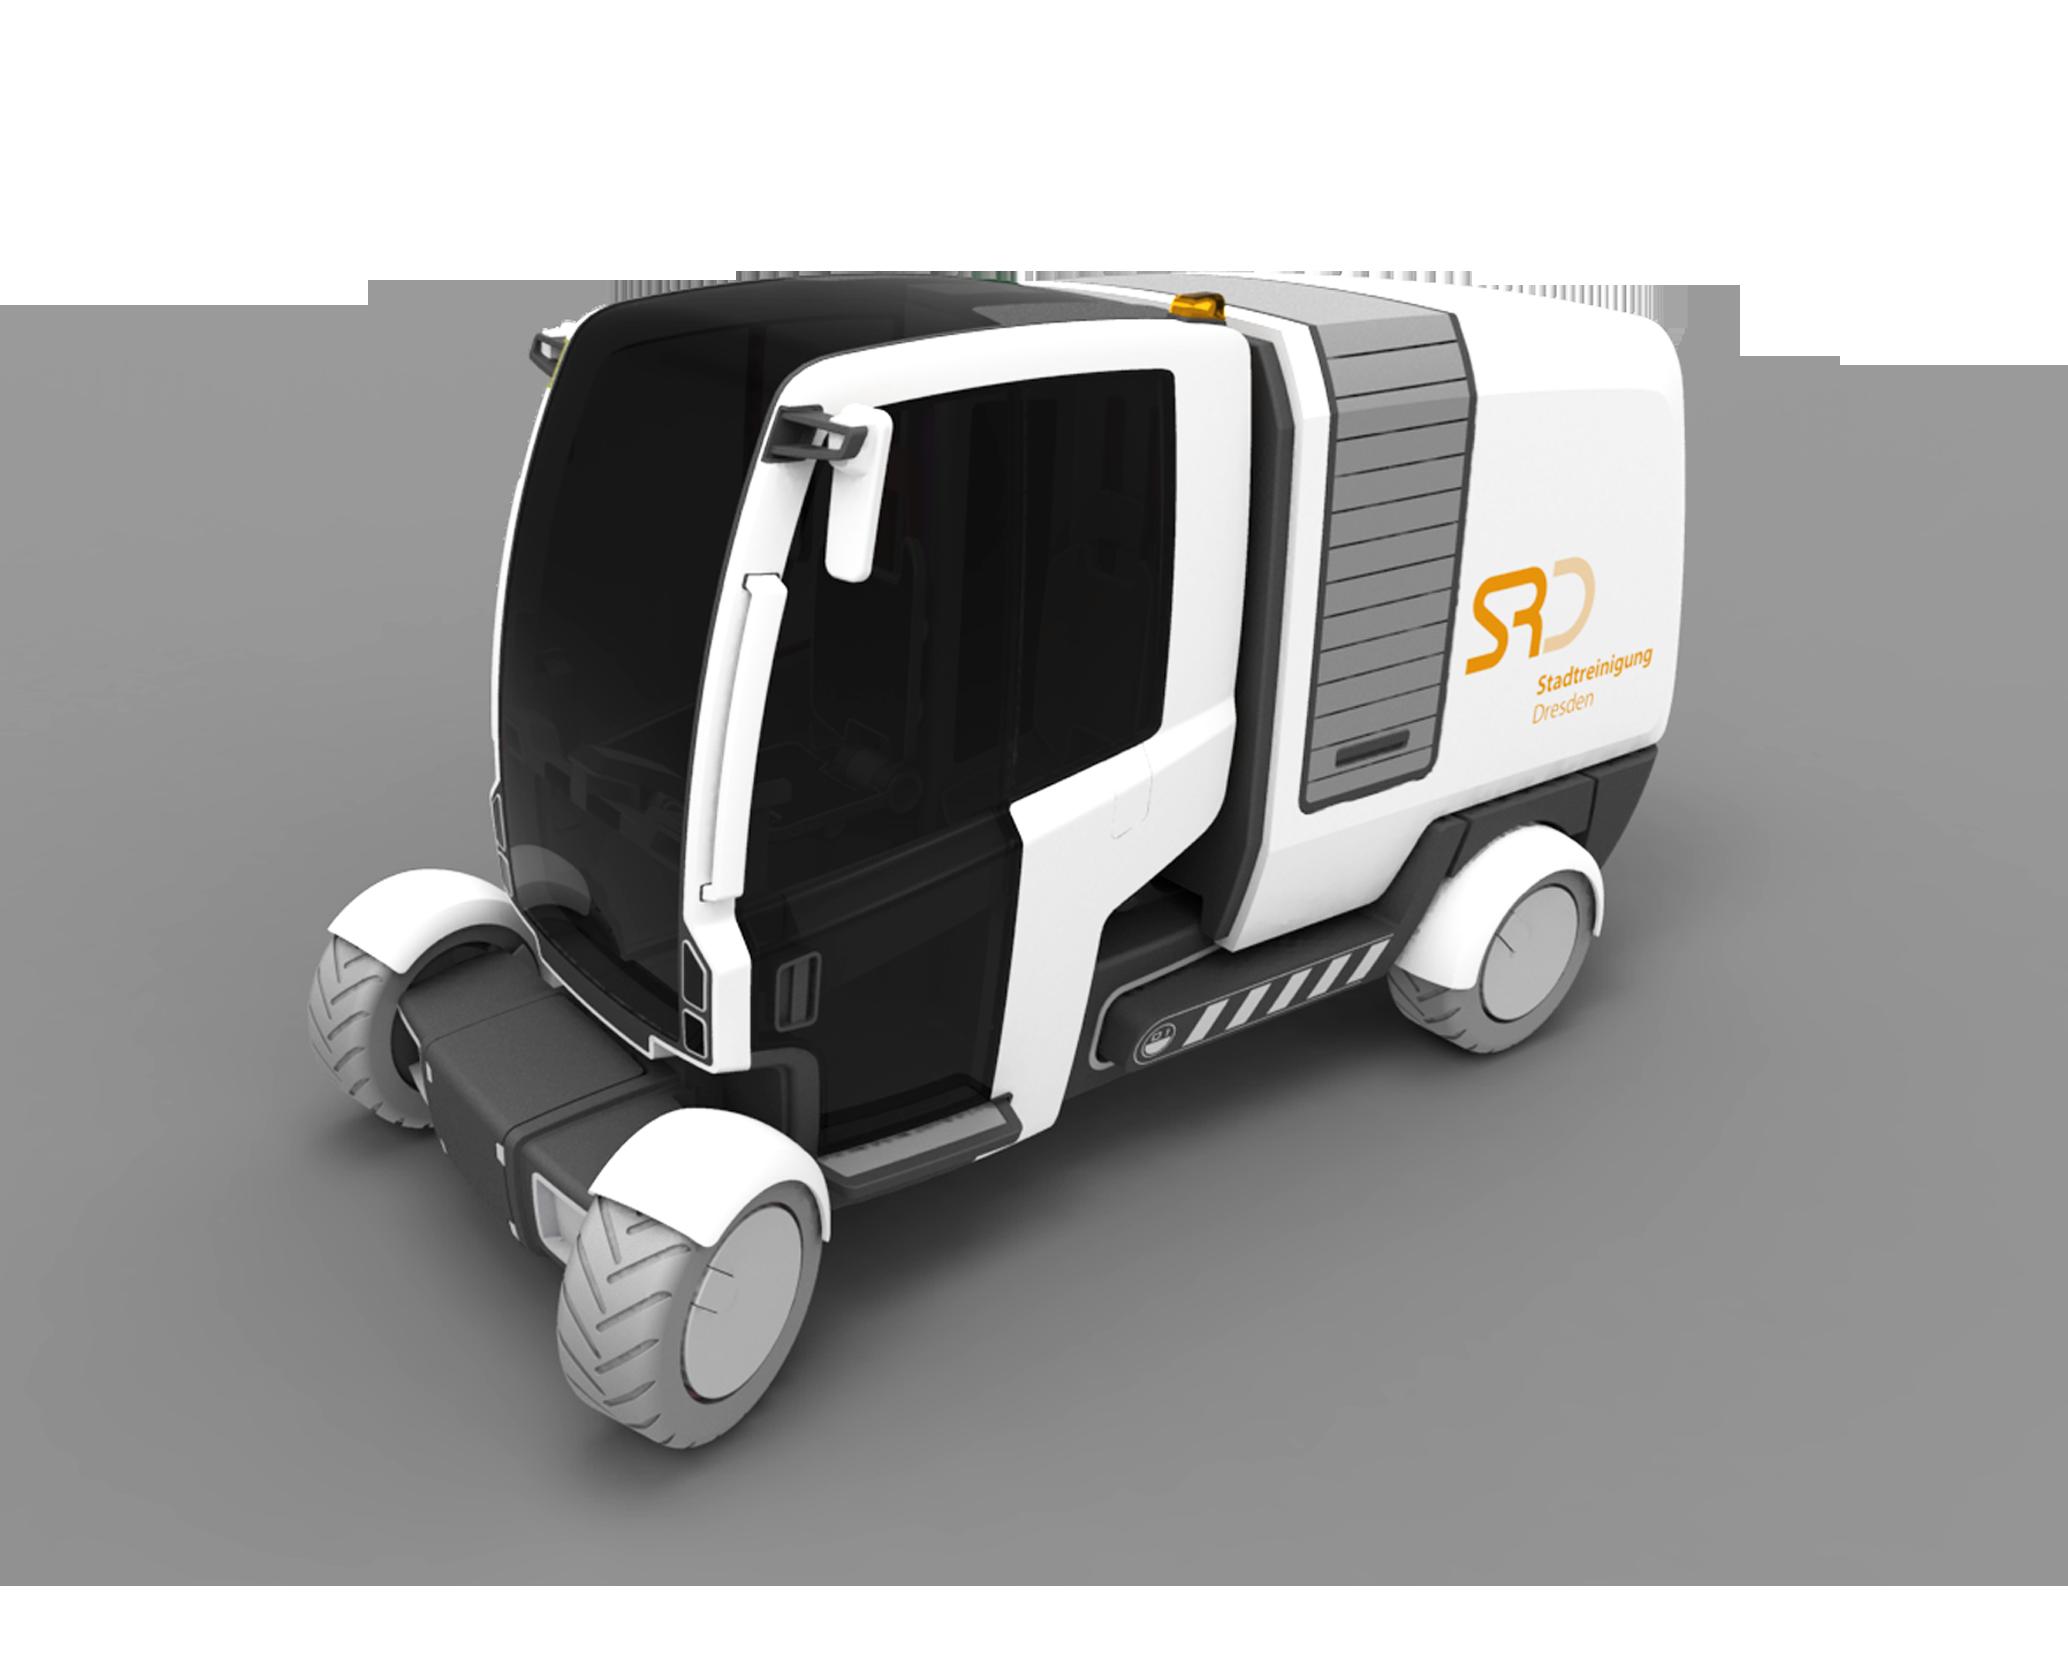 Fahrzeug mit Hänger-Vehicle-Diplomarbeit